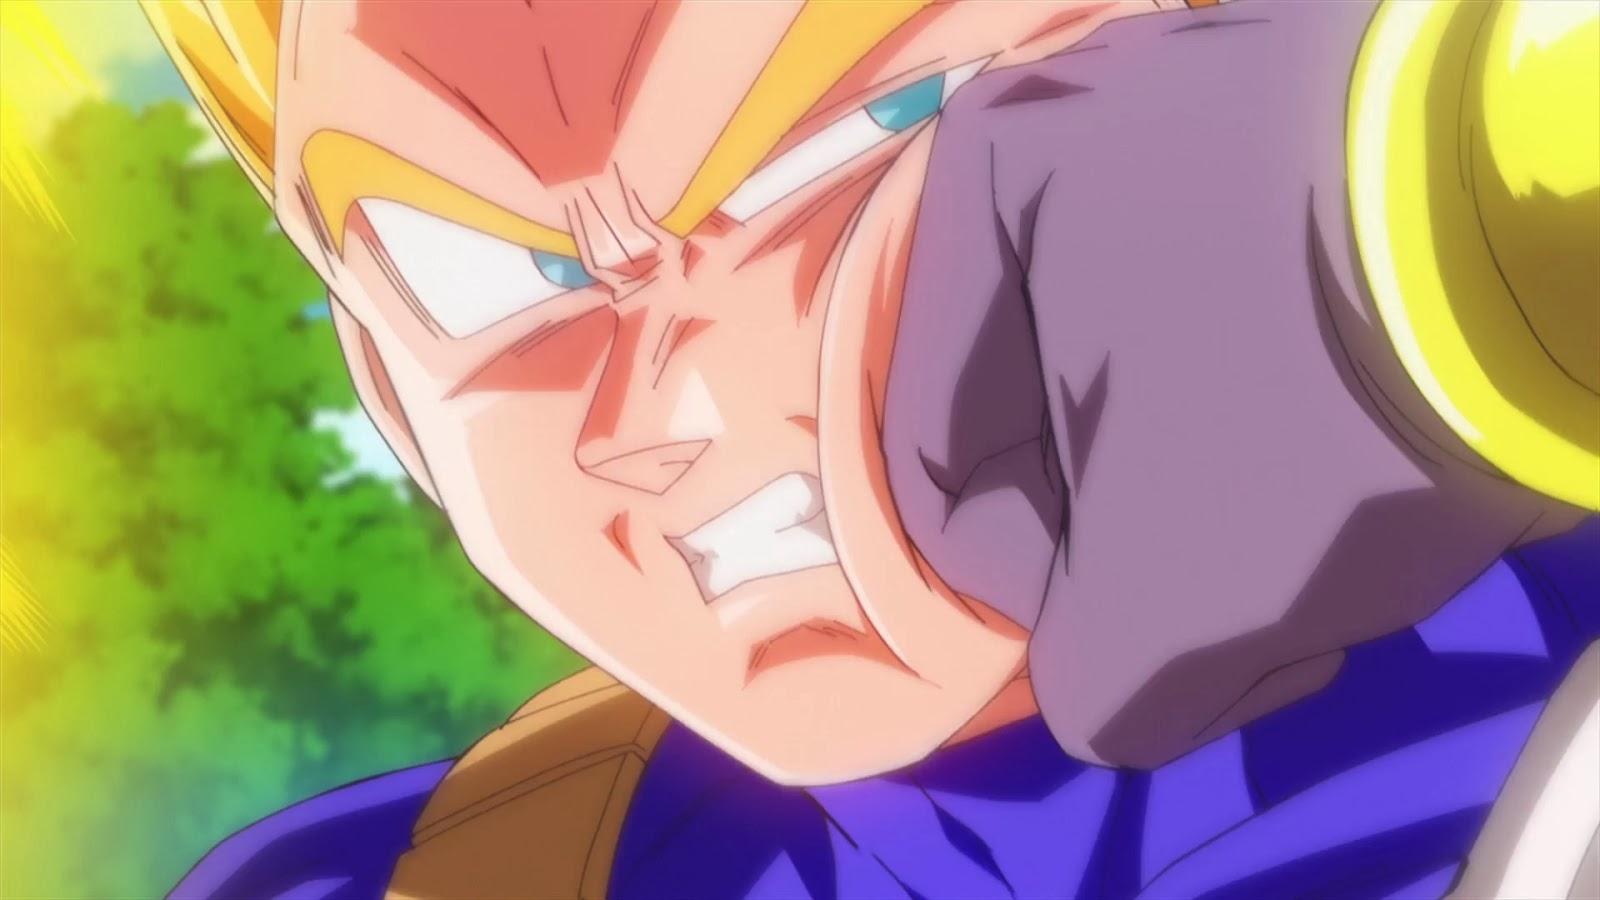 Dragon Ball Z La Batalla Delos Dioses Mkv 1080p Latino Mega Ukindex -> Pelismegahd